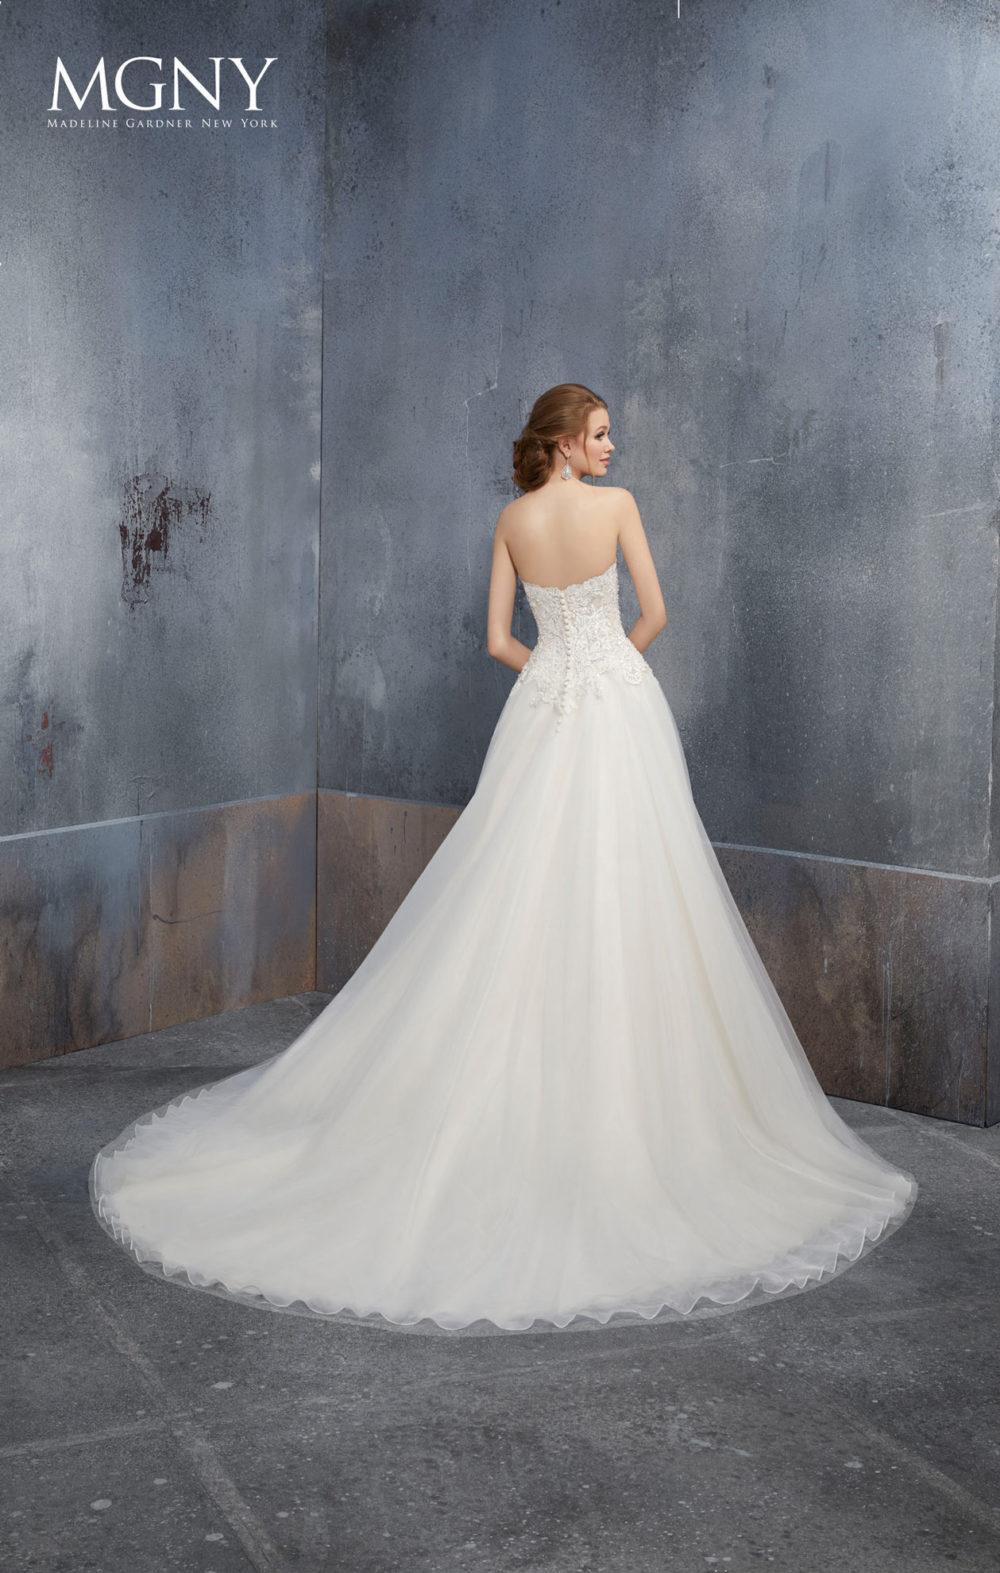 Mariages: abito da sposa Morilee 2020 a Vicenza, Verona, Padova, Veneto 51502